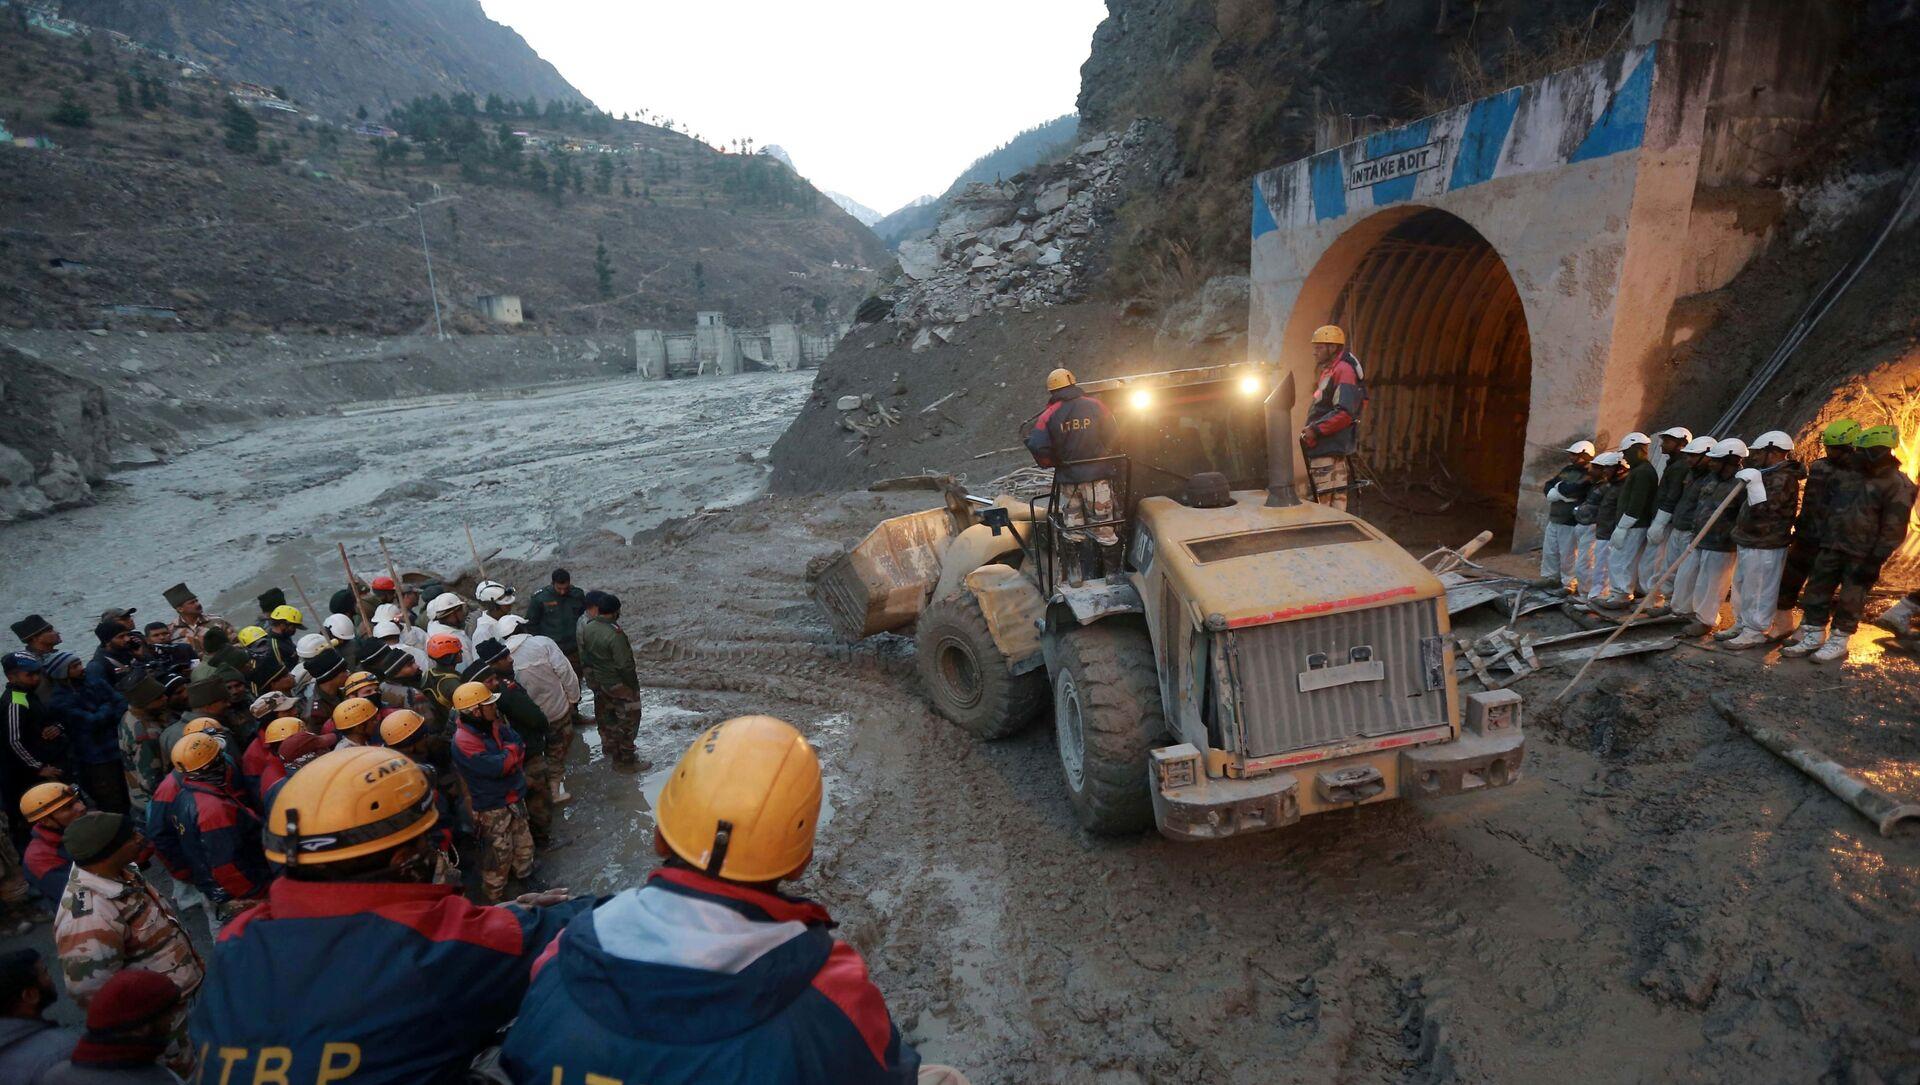 Técnica pesada elimina las consecuencias del desprendimiento de un glaciar en el Himalaya, 8 de febrero, estado de Uttarakhand, India. - Sputnik Mundo, 1920, 08.02.2021